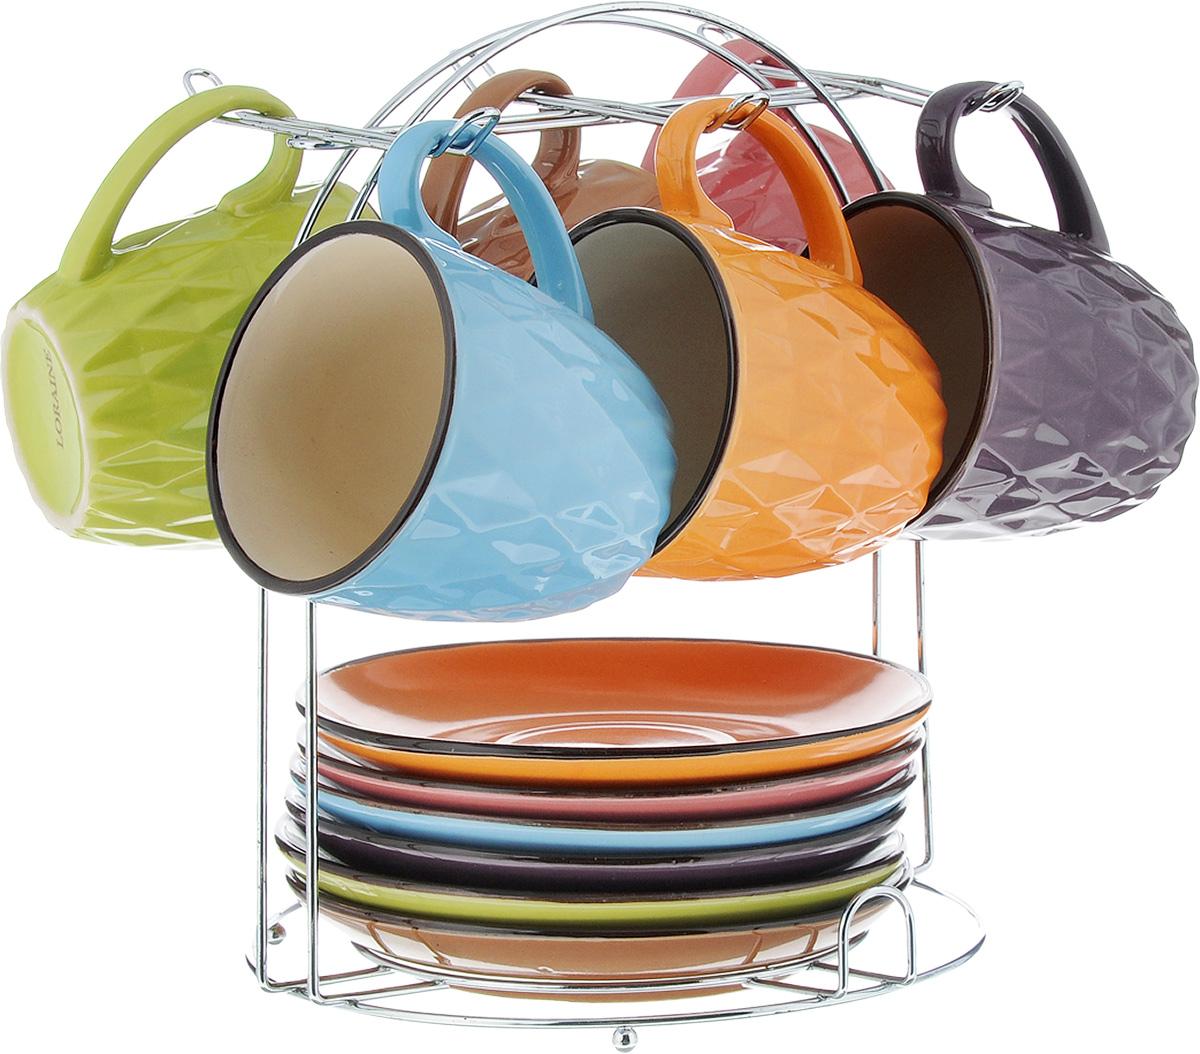 Набор чайный Loraine, на подставке, 13 предметов. 2464924649Набор Loraine состоит из 6 чашек и 6 блюдец, изготовленных из высококачественной керамики разных цветов. Набор удобно располагается на металлической подставке. Изящный дизайн придется по вкусу и ценителям классики, и тем, кто предпочитает утонченность и изысканность. Он настроит на позитивный лад и подарит хорошее настроение с самого утра. Можно использовать в микроволновой печи и мыть в посудомоечной машине. Диаметр чашки (по верхнему краю): 7,5 см. Высота чашки: 7,5 см. Объем чашки: 220 мл. Диаметр блюдца: 14,5см. Высота блюдца: 2 см. Размер подставки: 19 х 19 х 22 см.